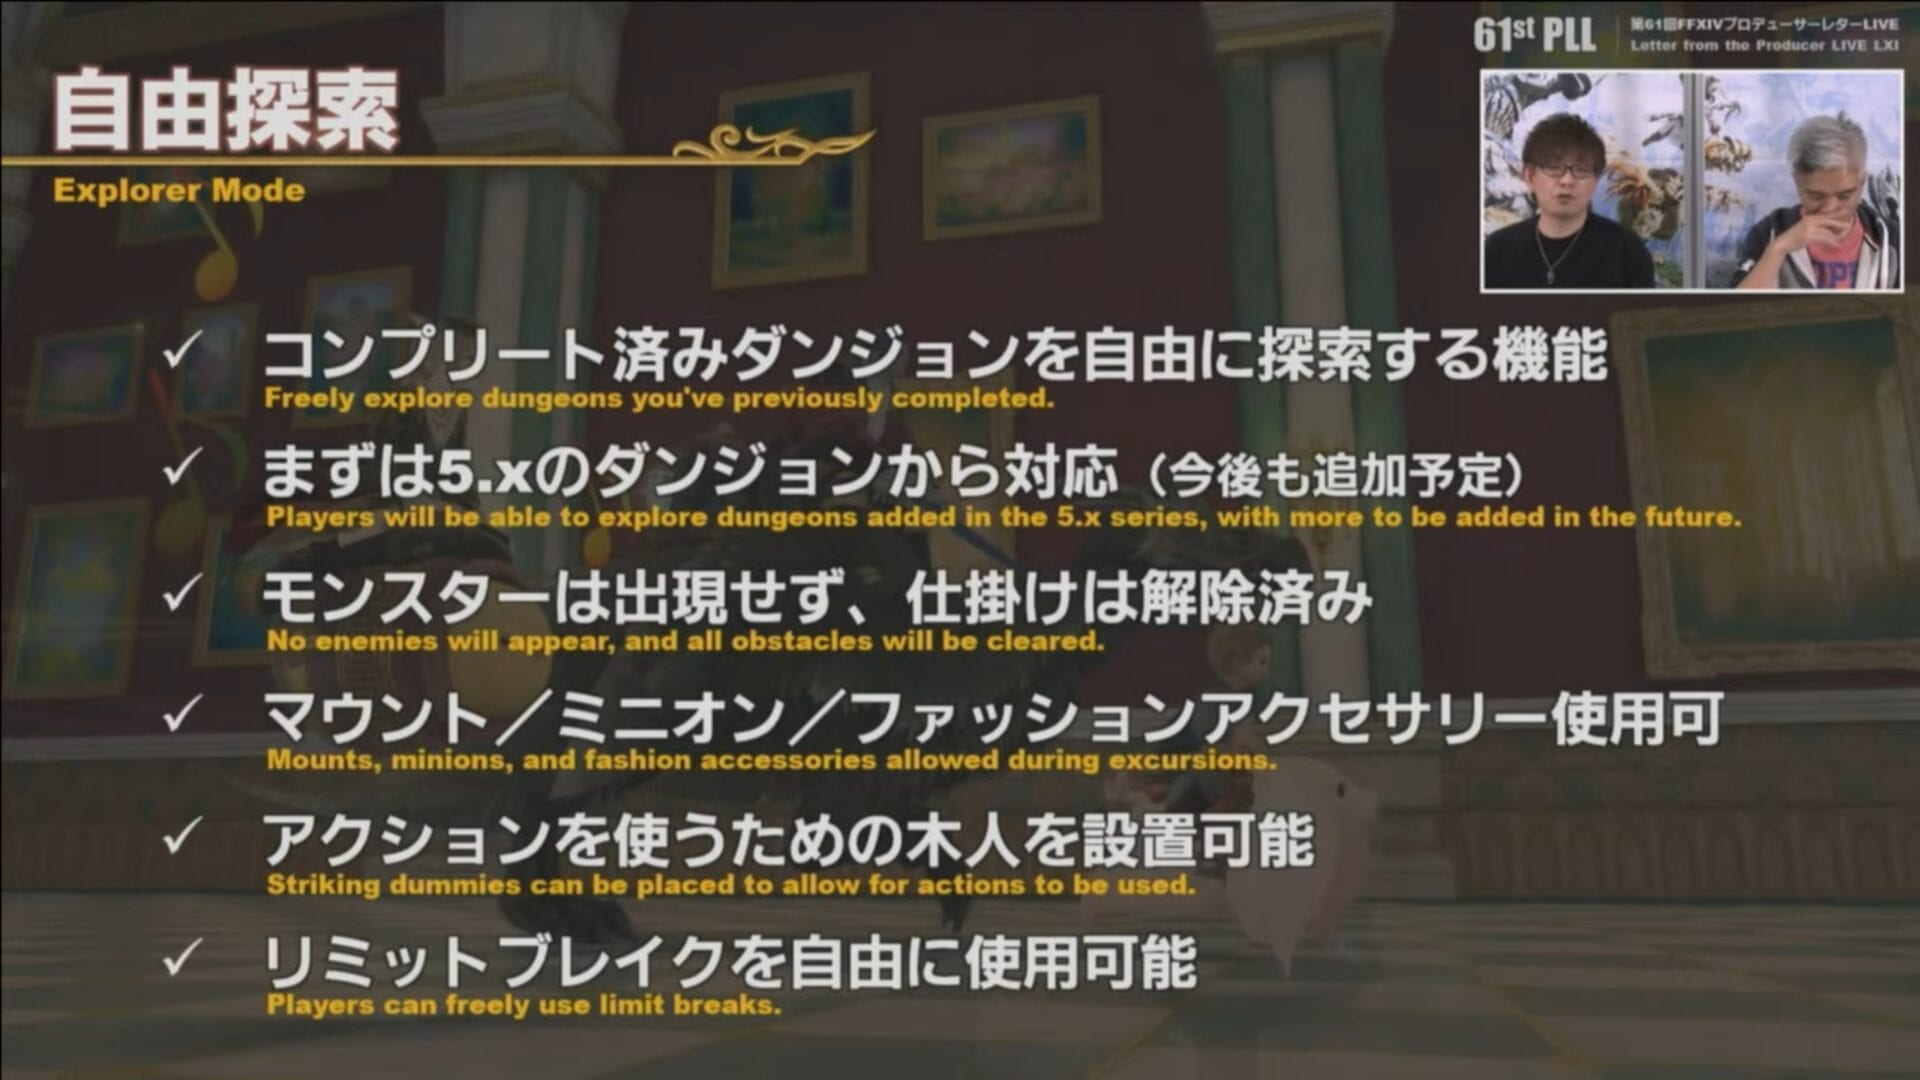 Final-Fantasy-XIV-7-1-scaled.jpg?ssl=1